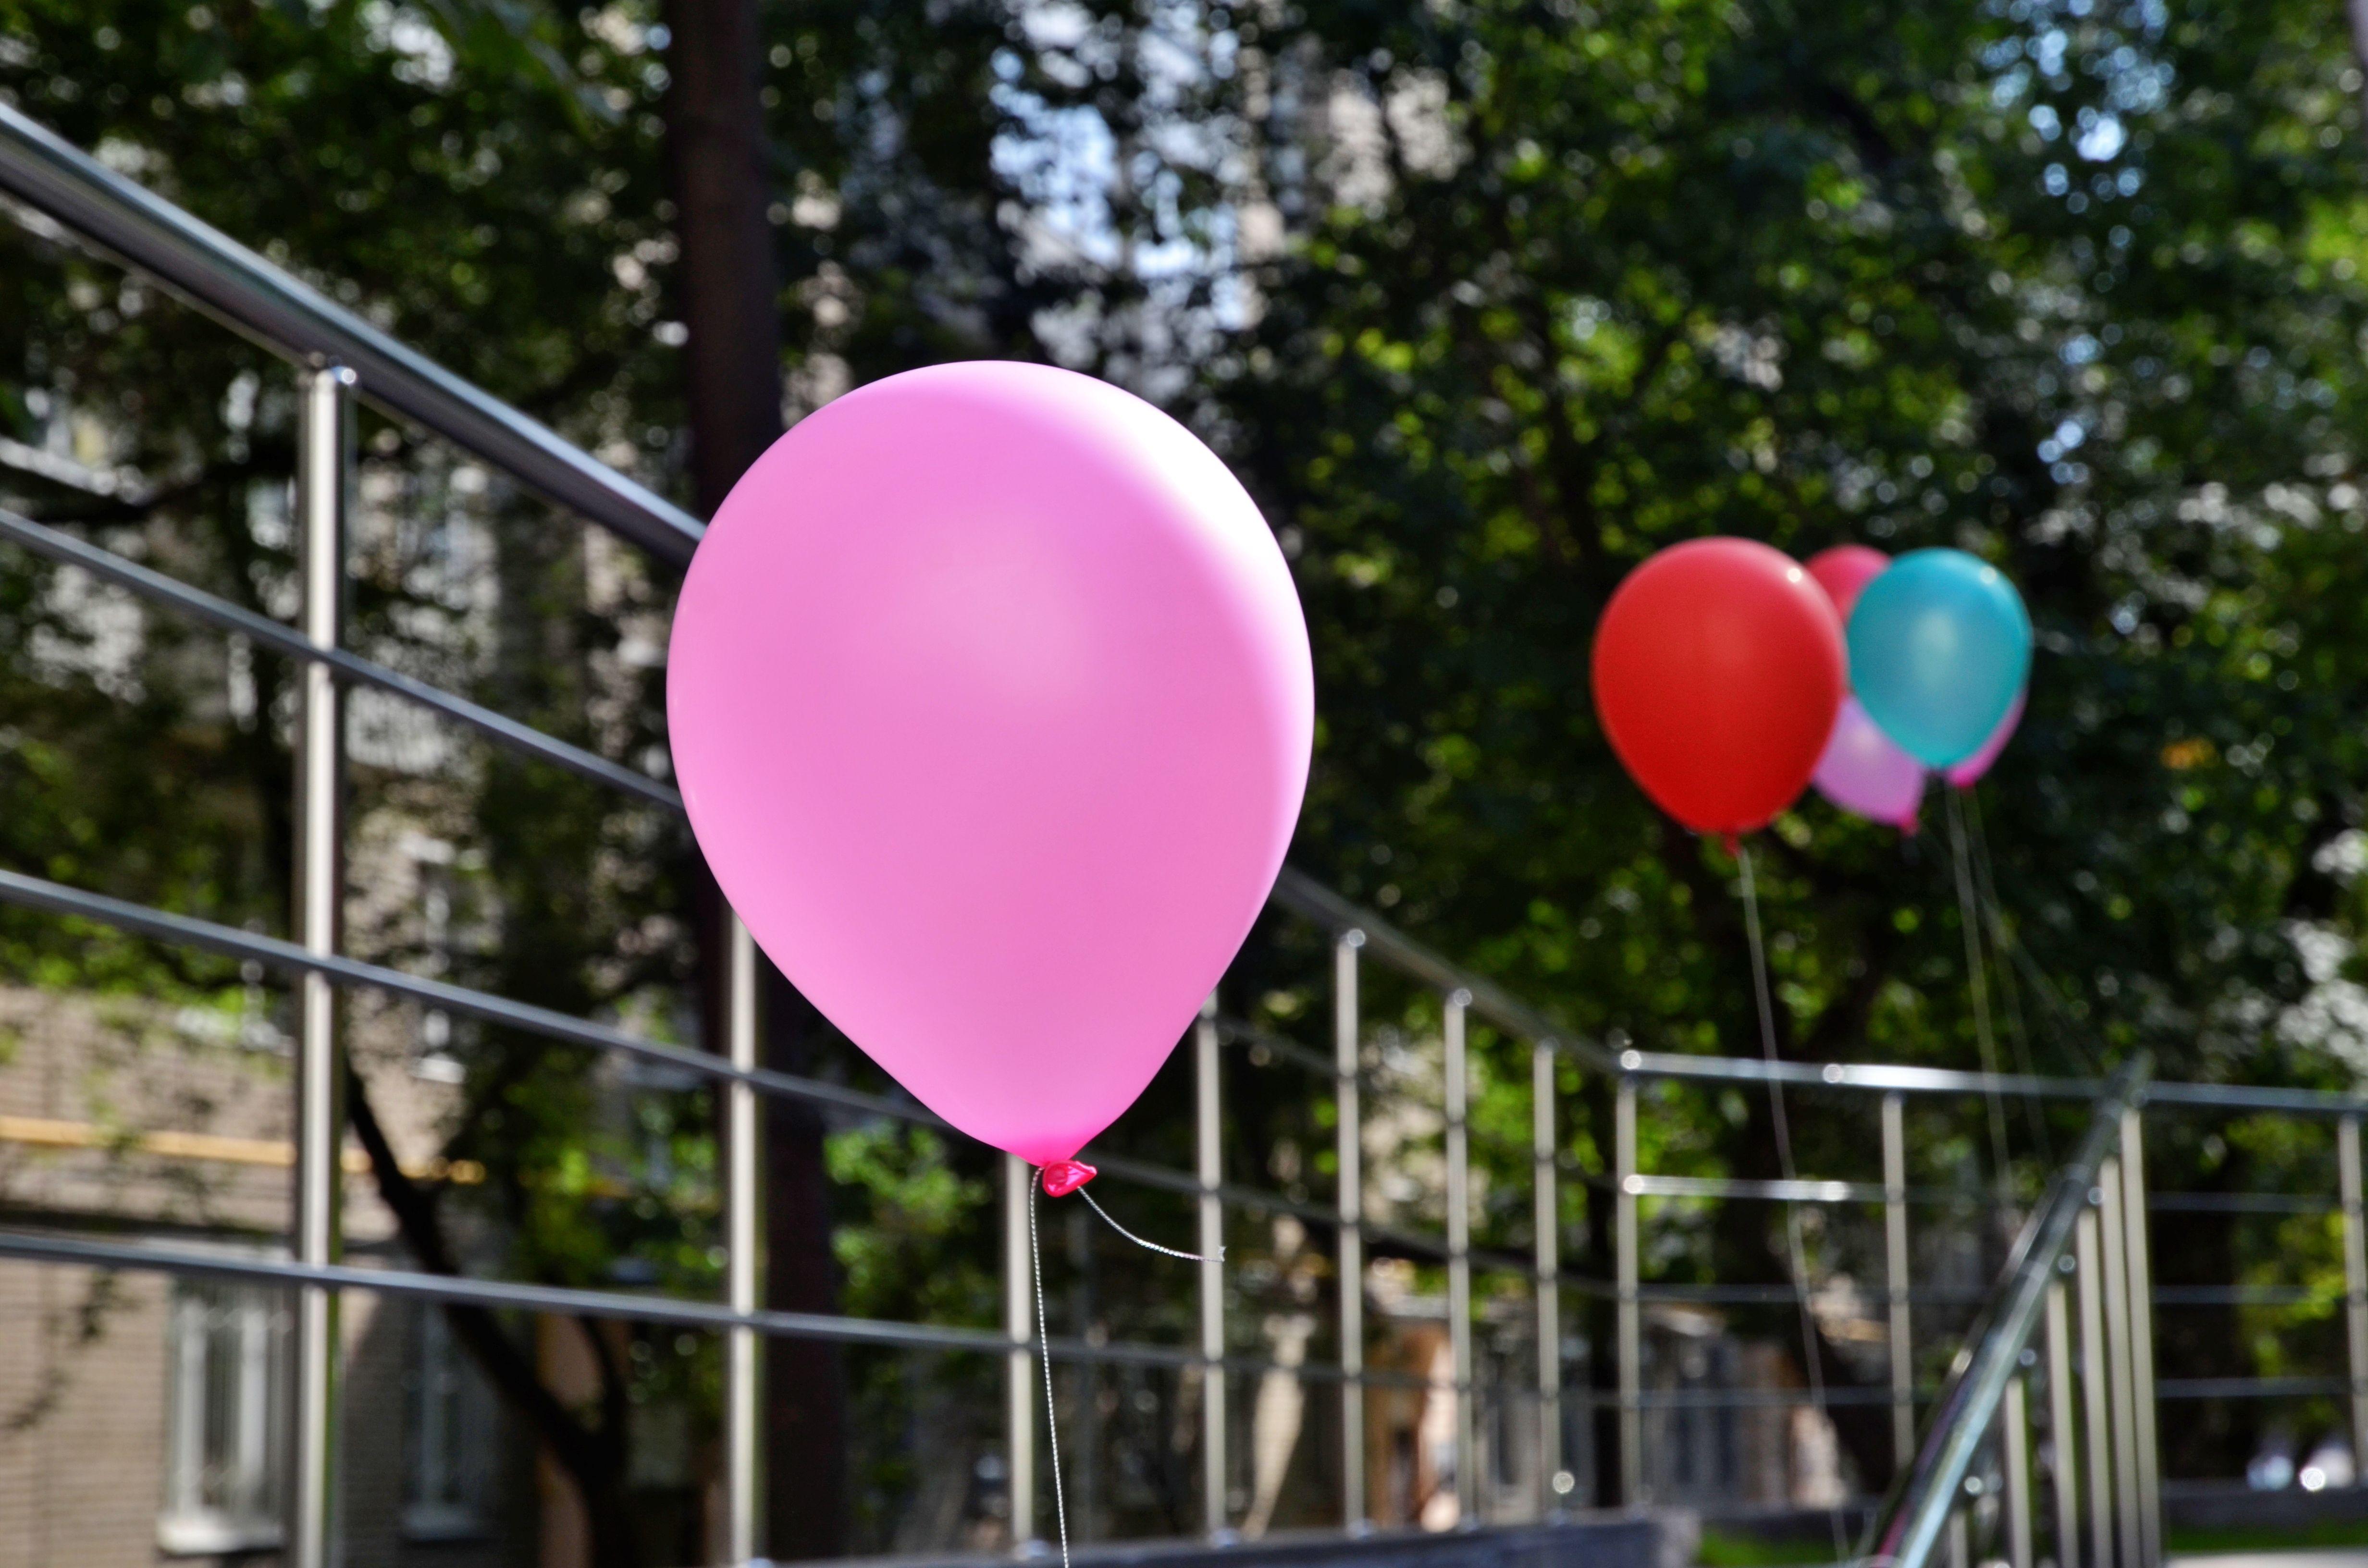 Торт для Троицка: жителям городского округа предложили придумать праздничное угощение